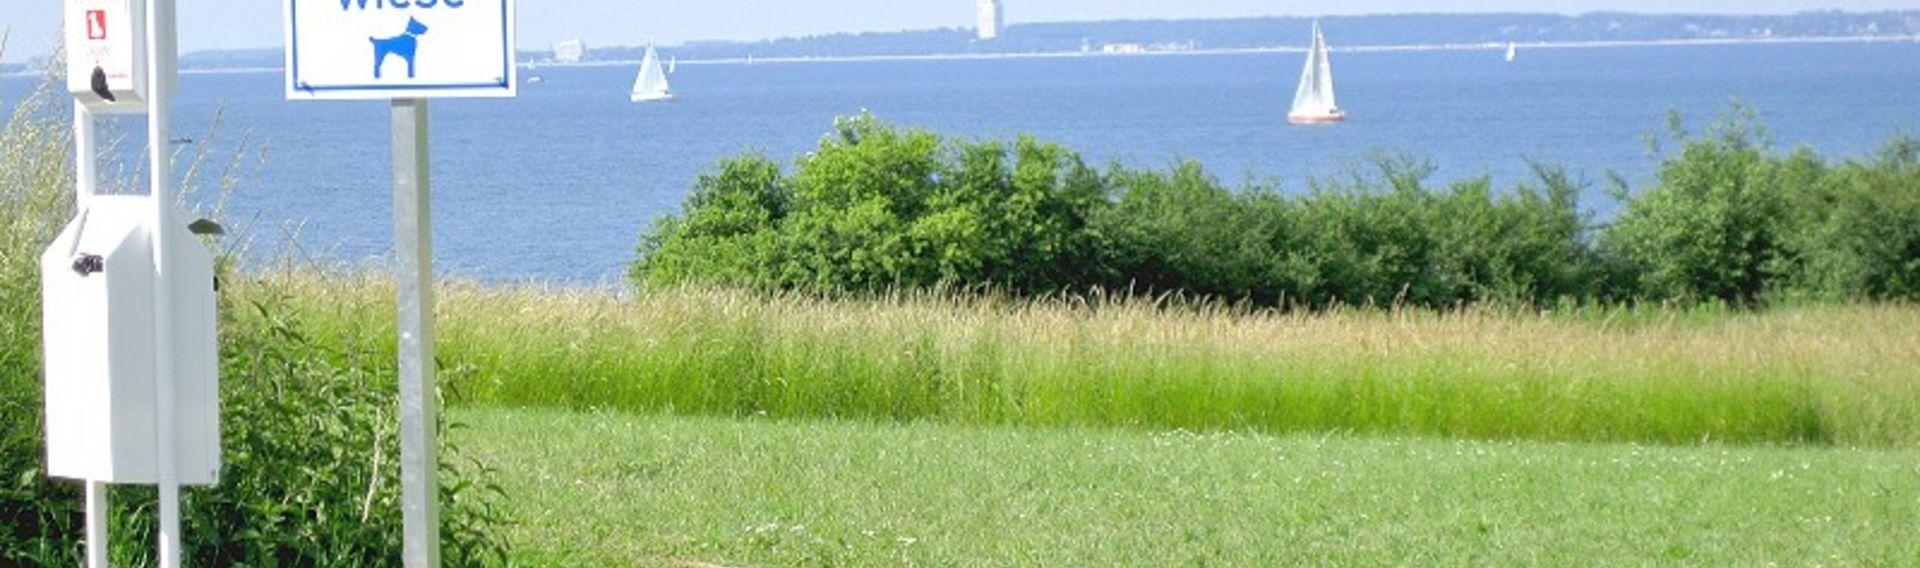 Camping an der Ostsee mit Hund